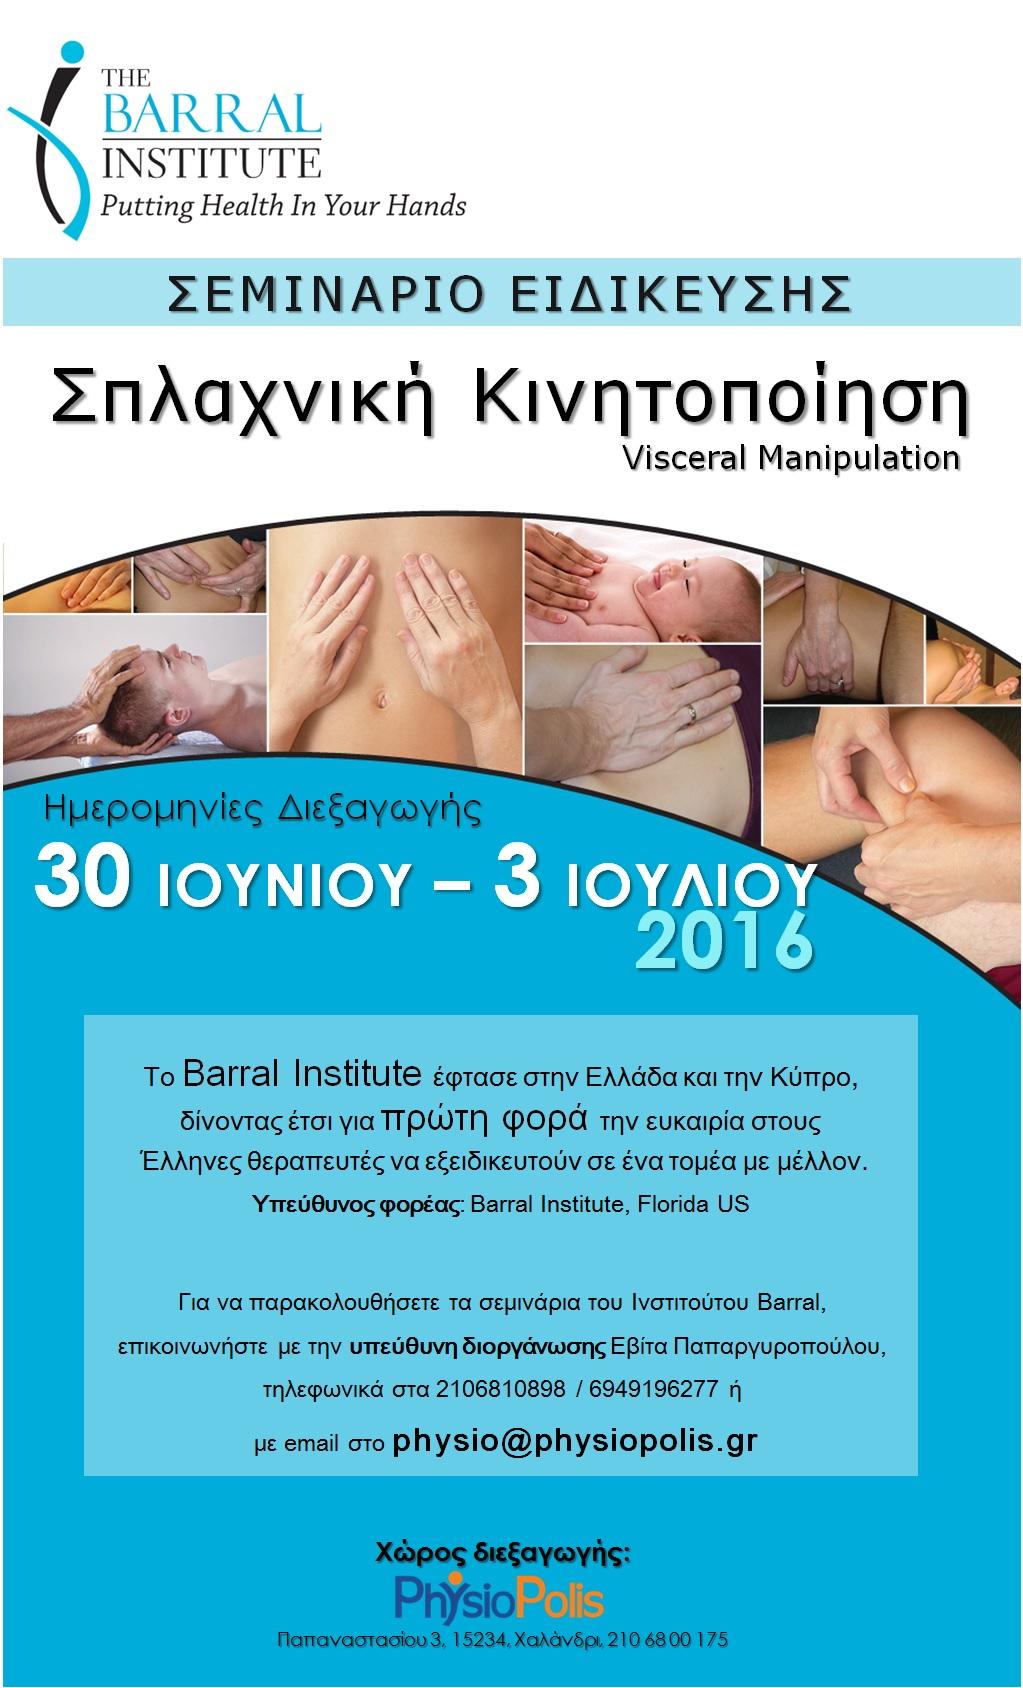 Σεμινάριο Ειδίκευσης στη Σπλαχνική Κινητοποίηση |Barral Institute